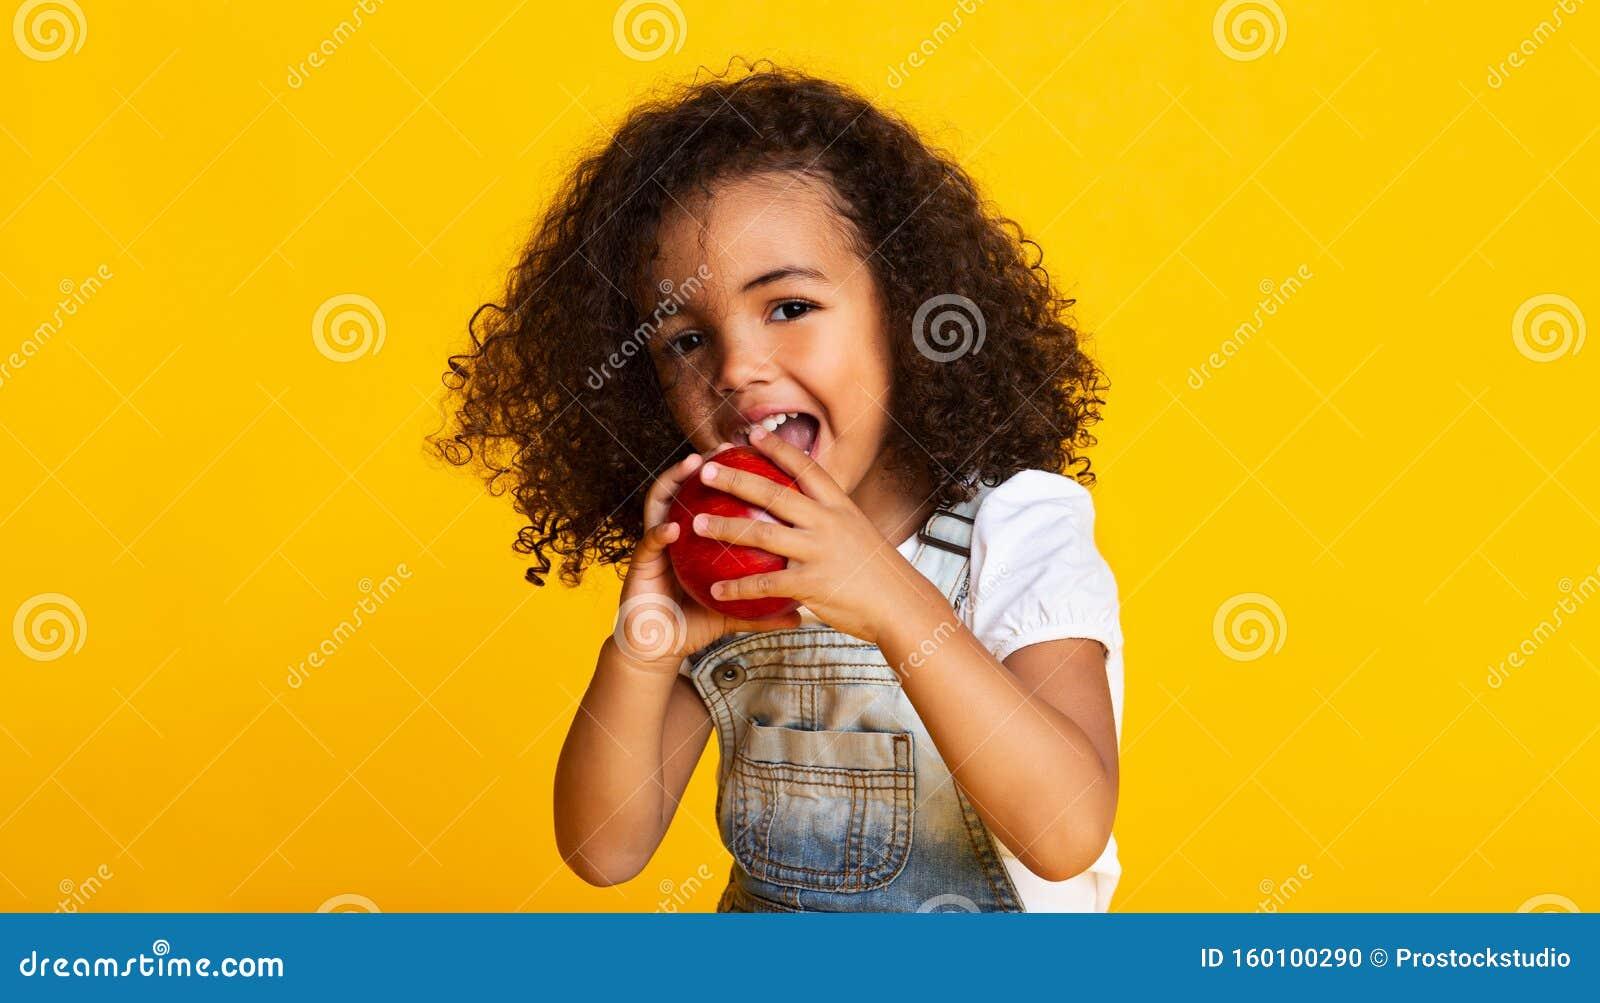 Витамин Маленькая девочка кусает красное яблоко